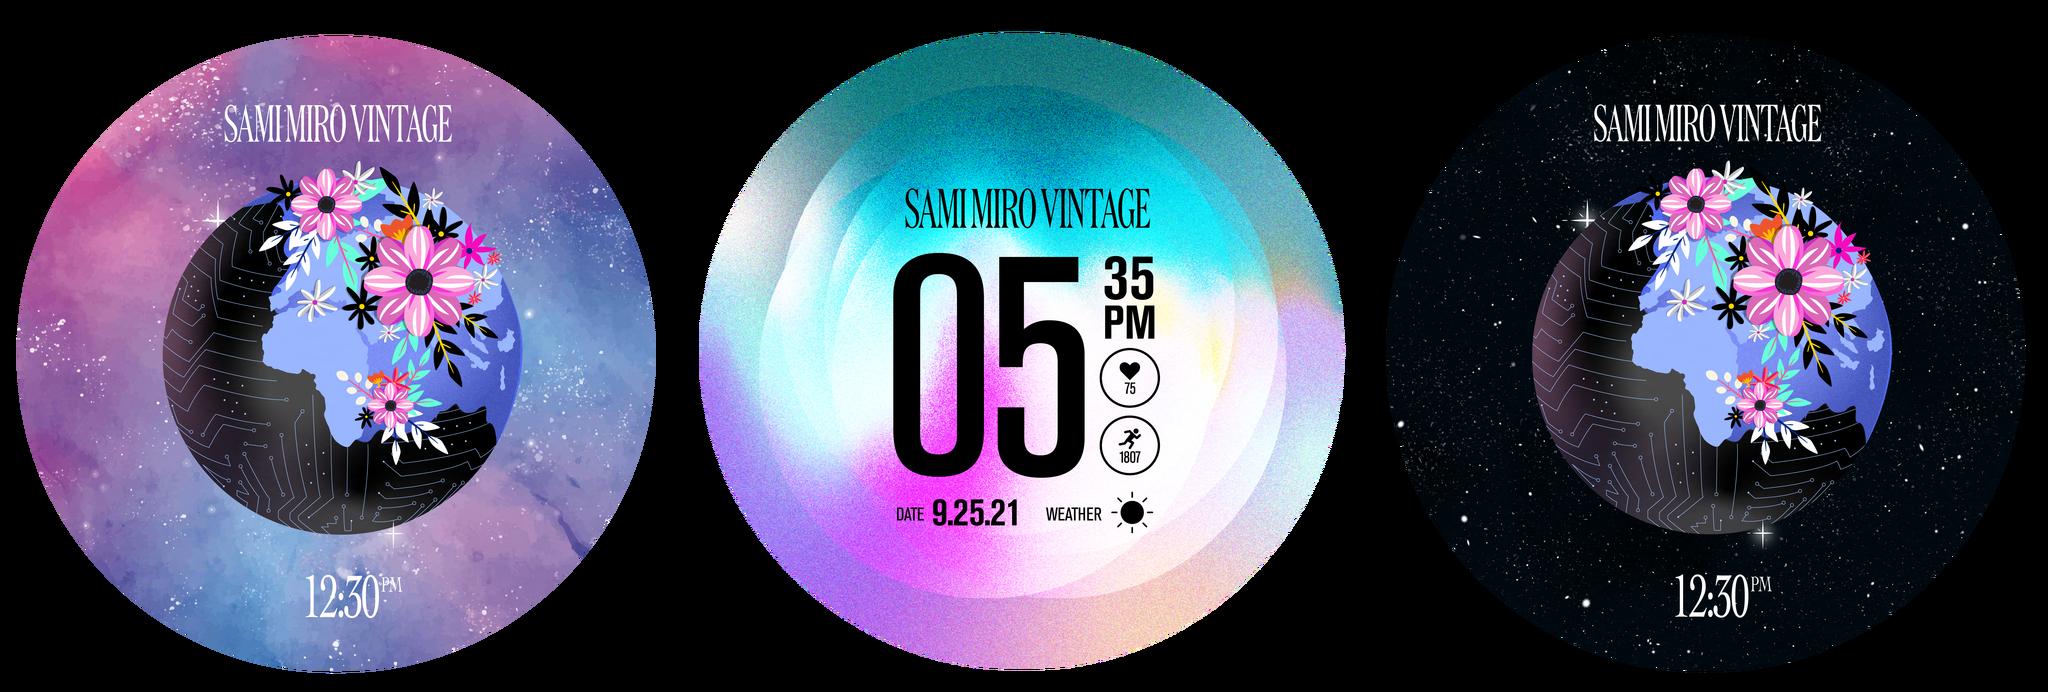 В новых ремешках Samsung Galaxy Watch 4 используются экологически чистые материалы, в том числе кожура яблока